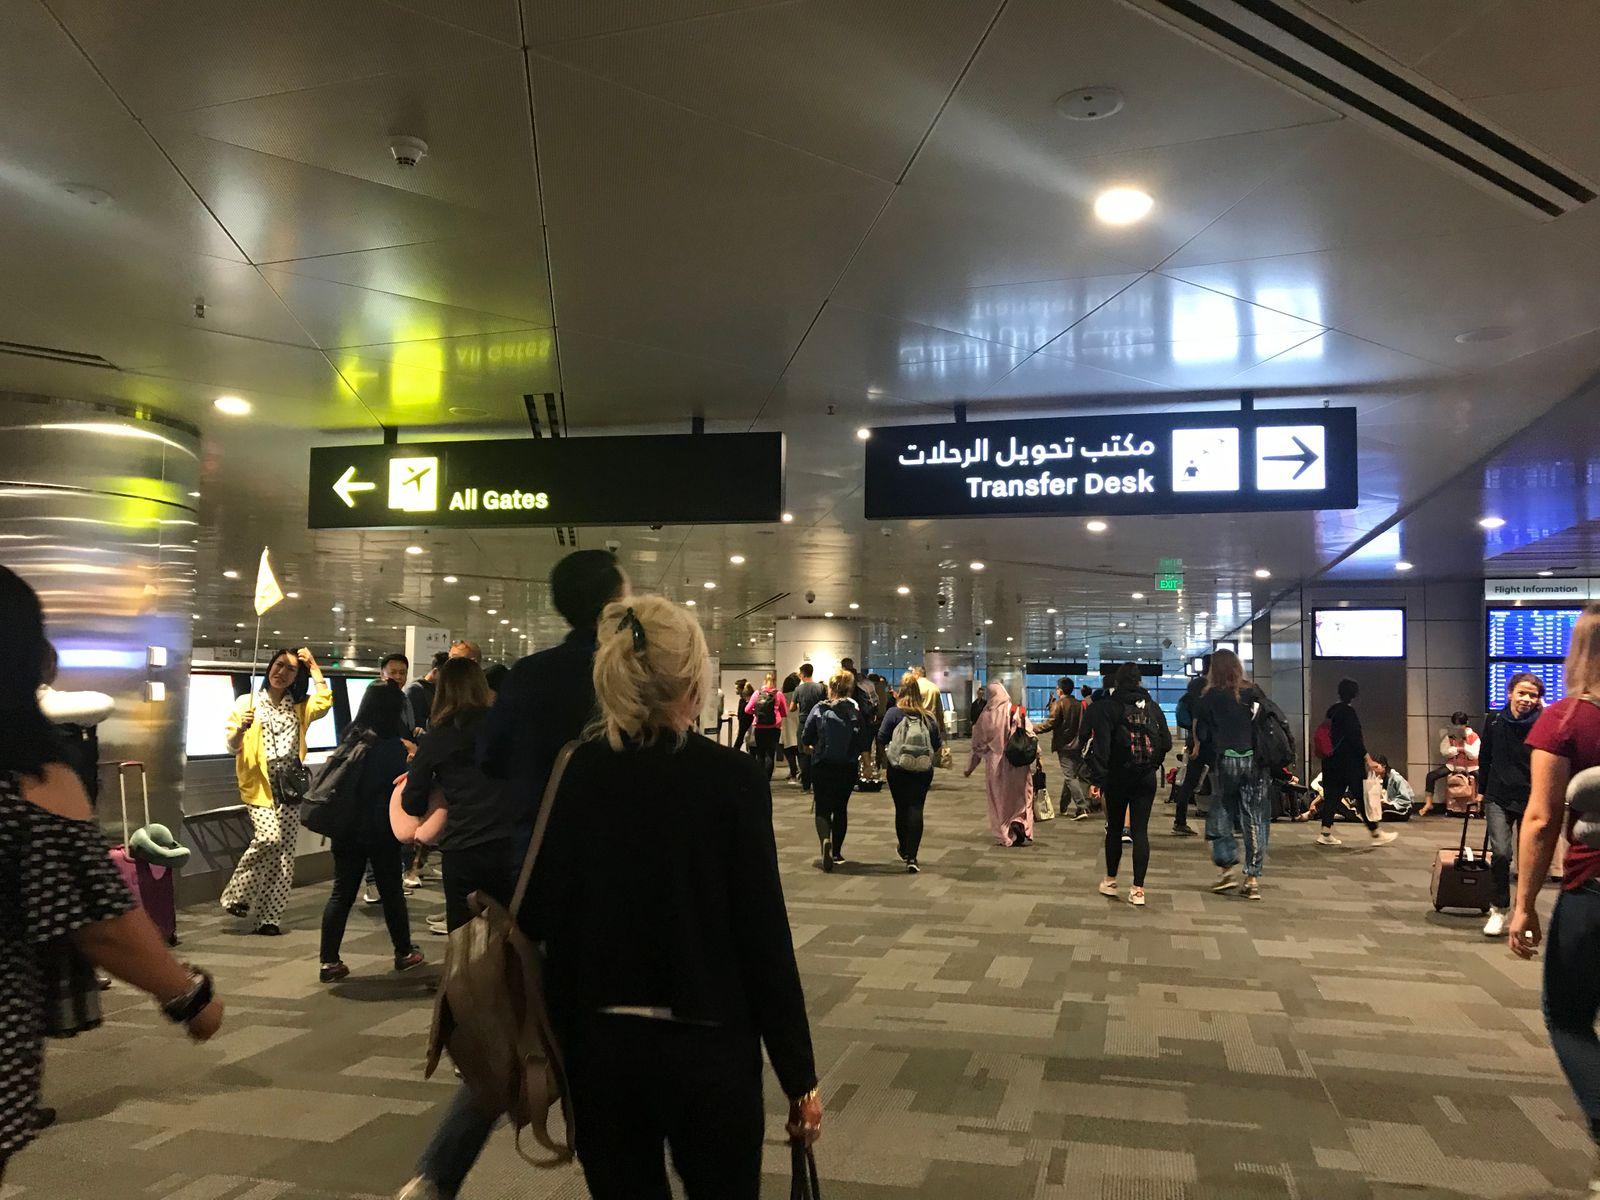 ผู้โดยสารมากมายเตรียมเข้าสู่สนามบิน